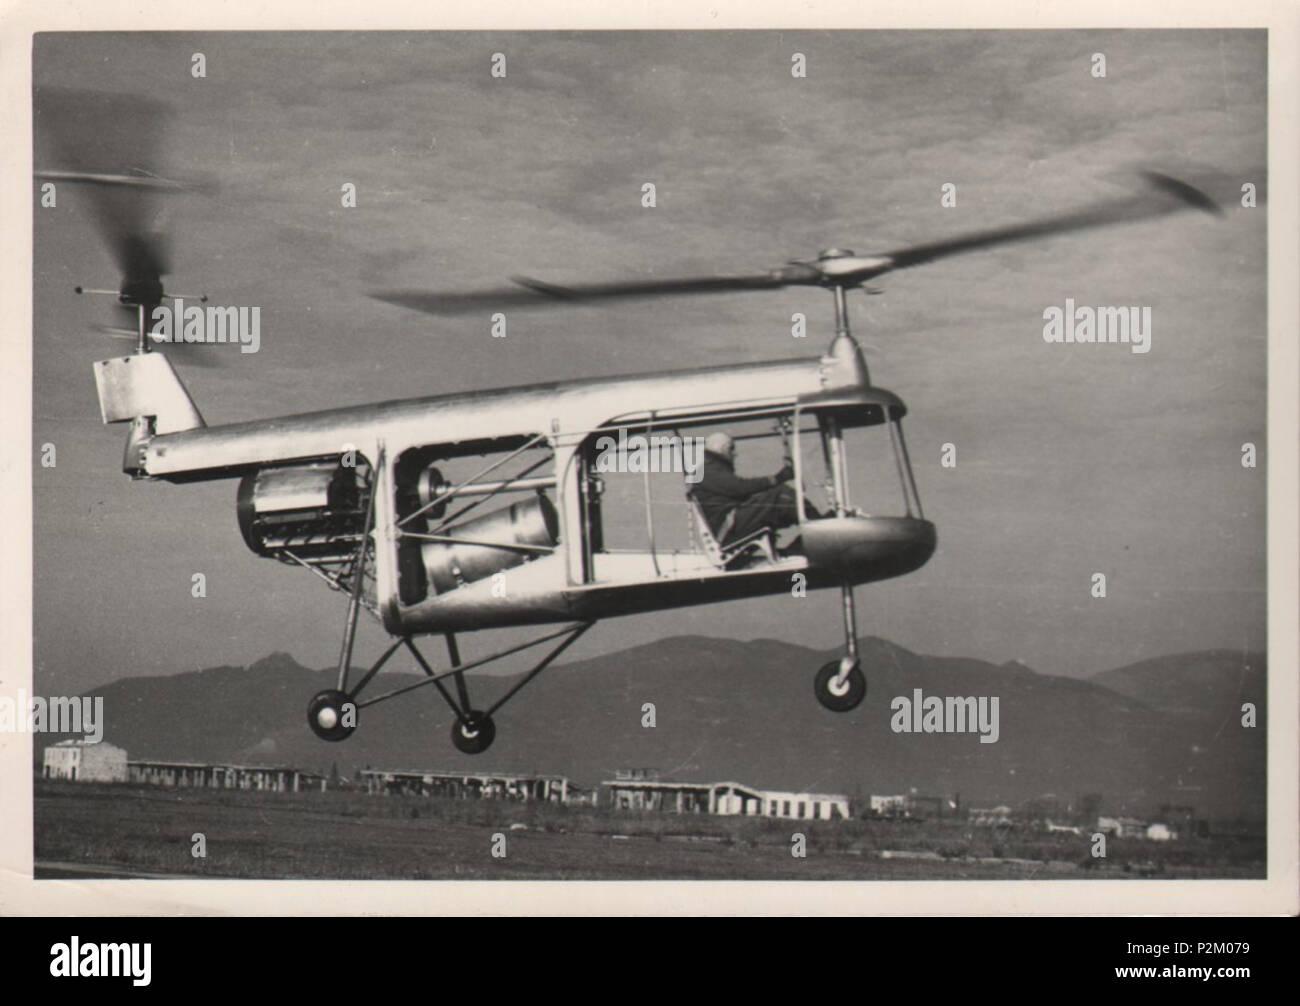 Elicottero Hot Wheels : Elicottero pronto intervento dickie giochero